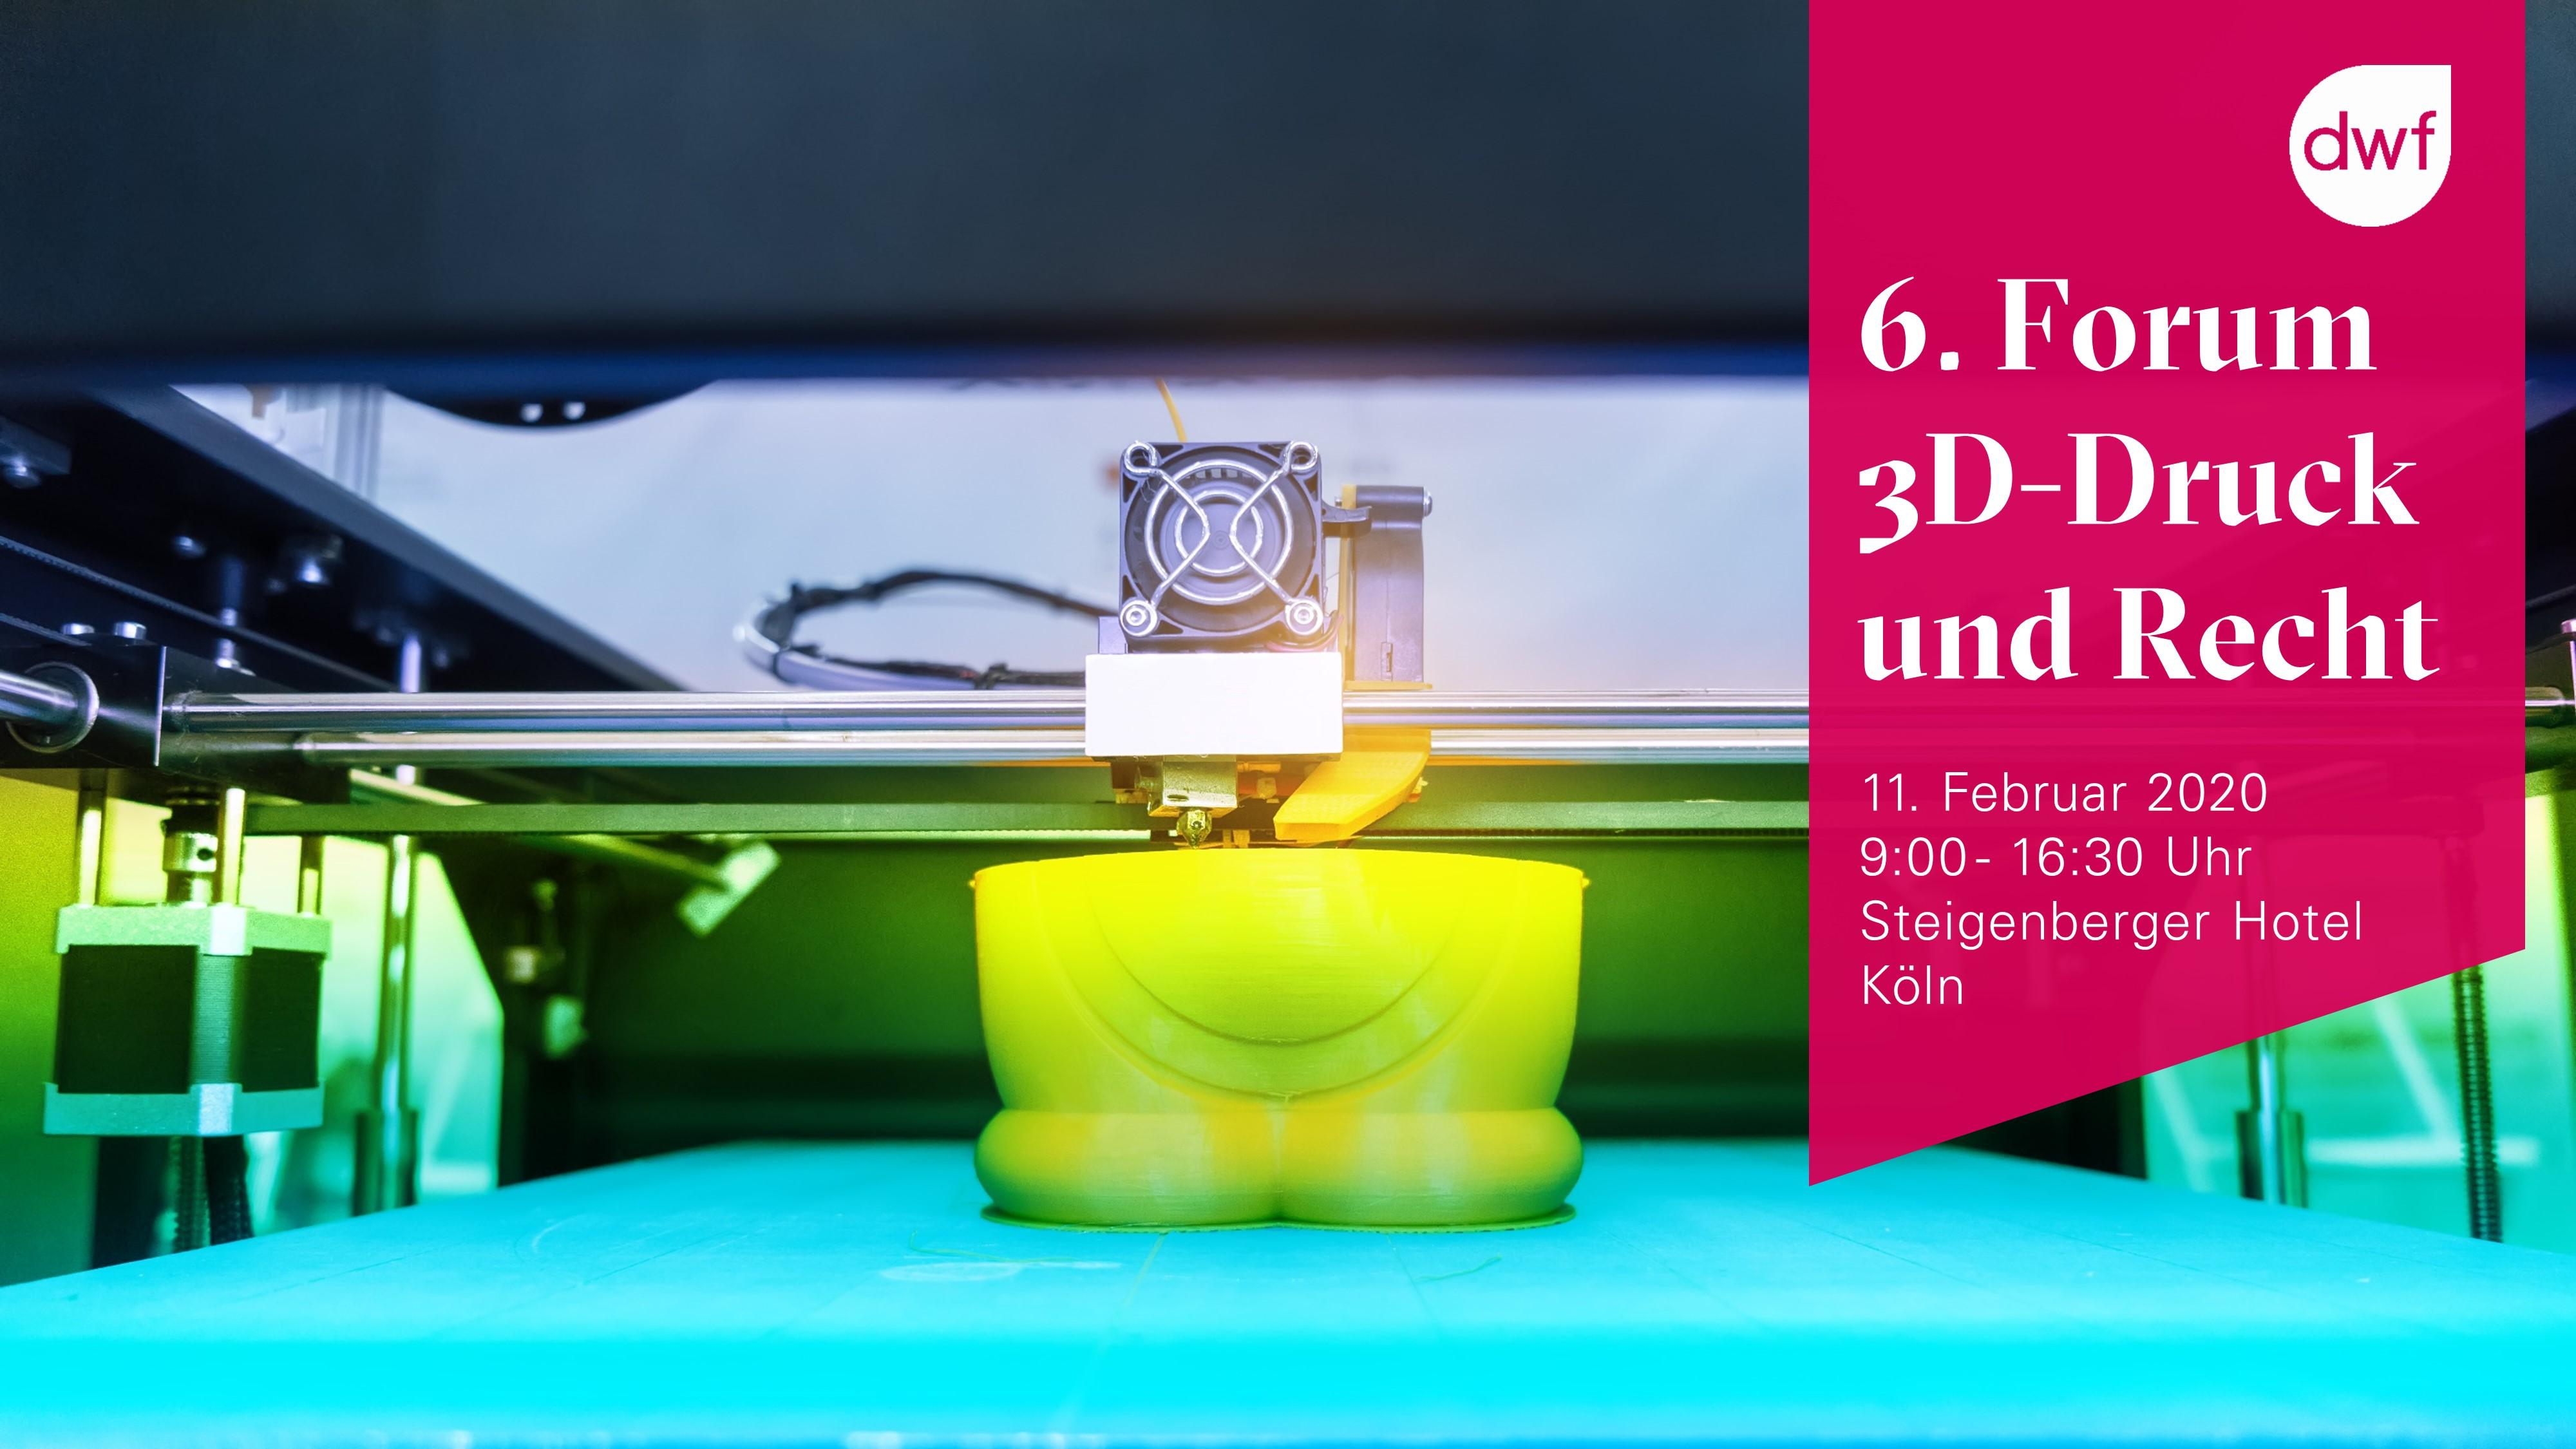 6. Forum 3D-Druck und Recht